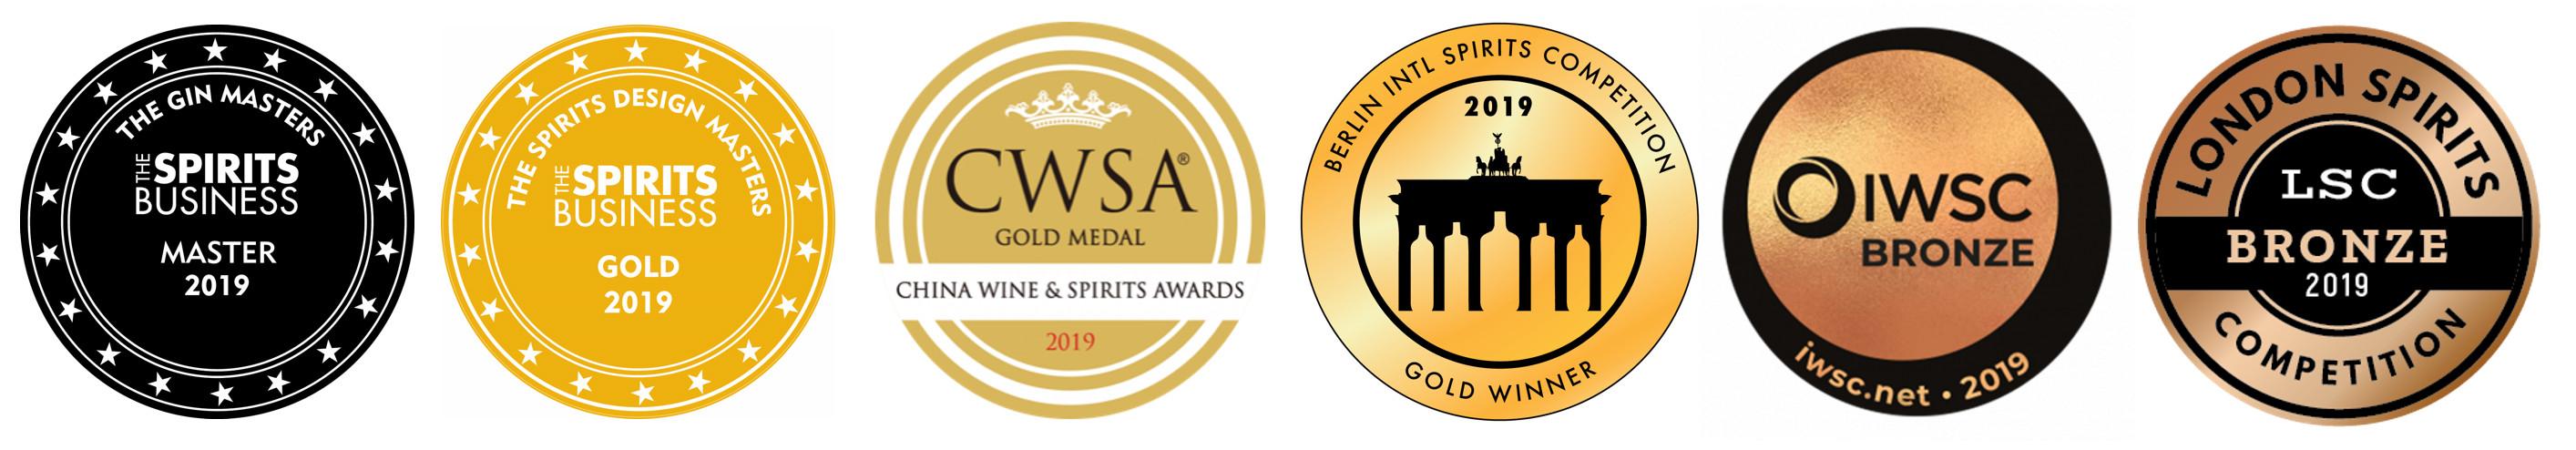 Downton Distillery Awards 2019